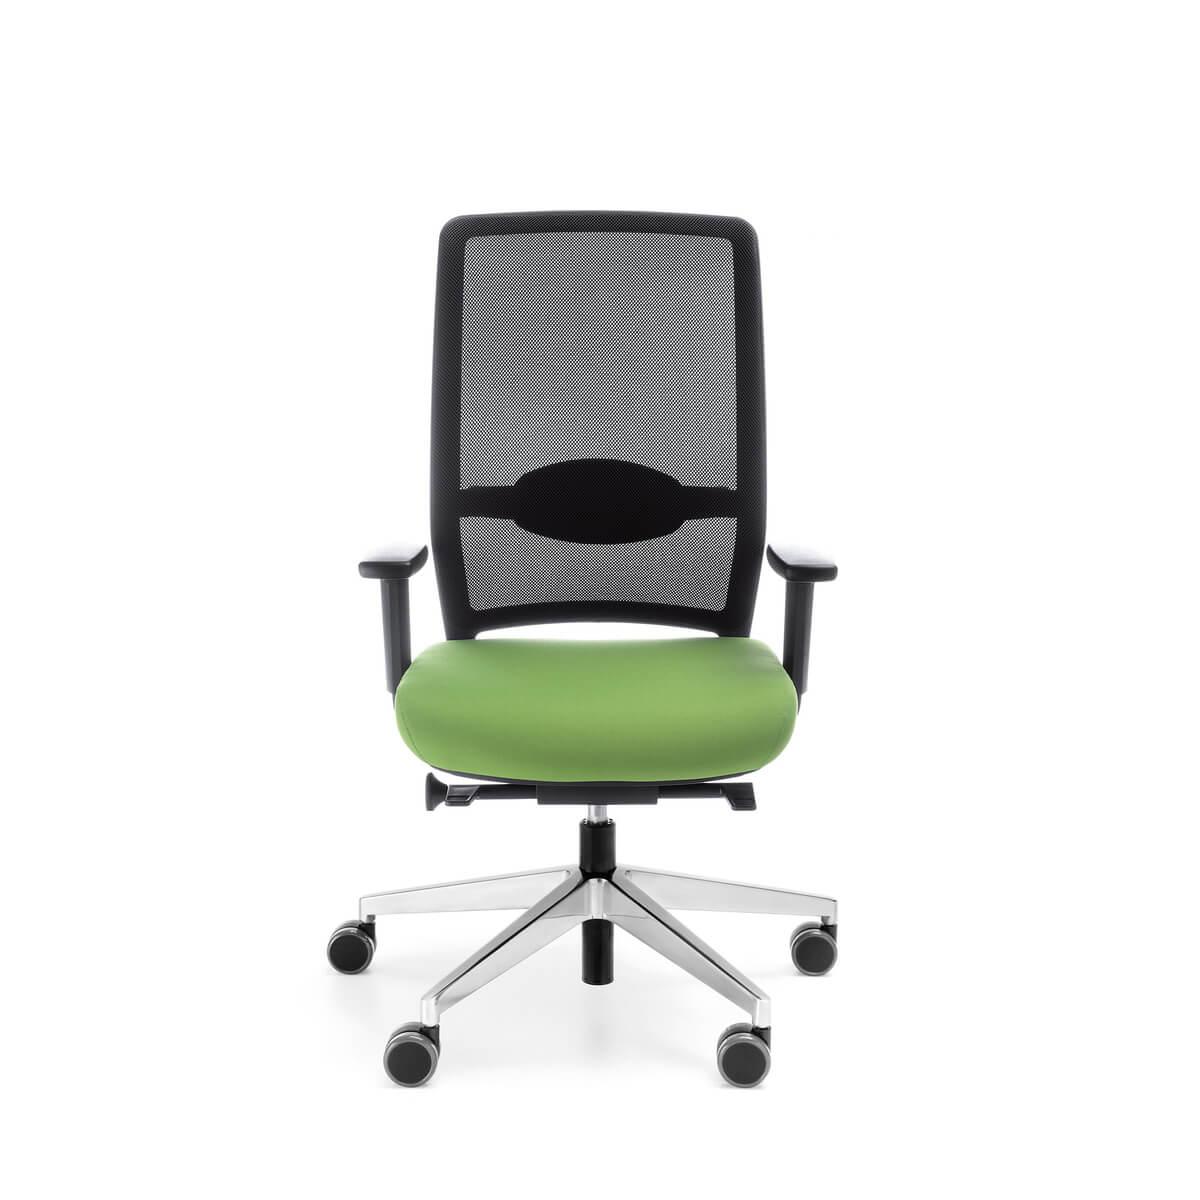 Kancelárska otočná stolička Veris Net